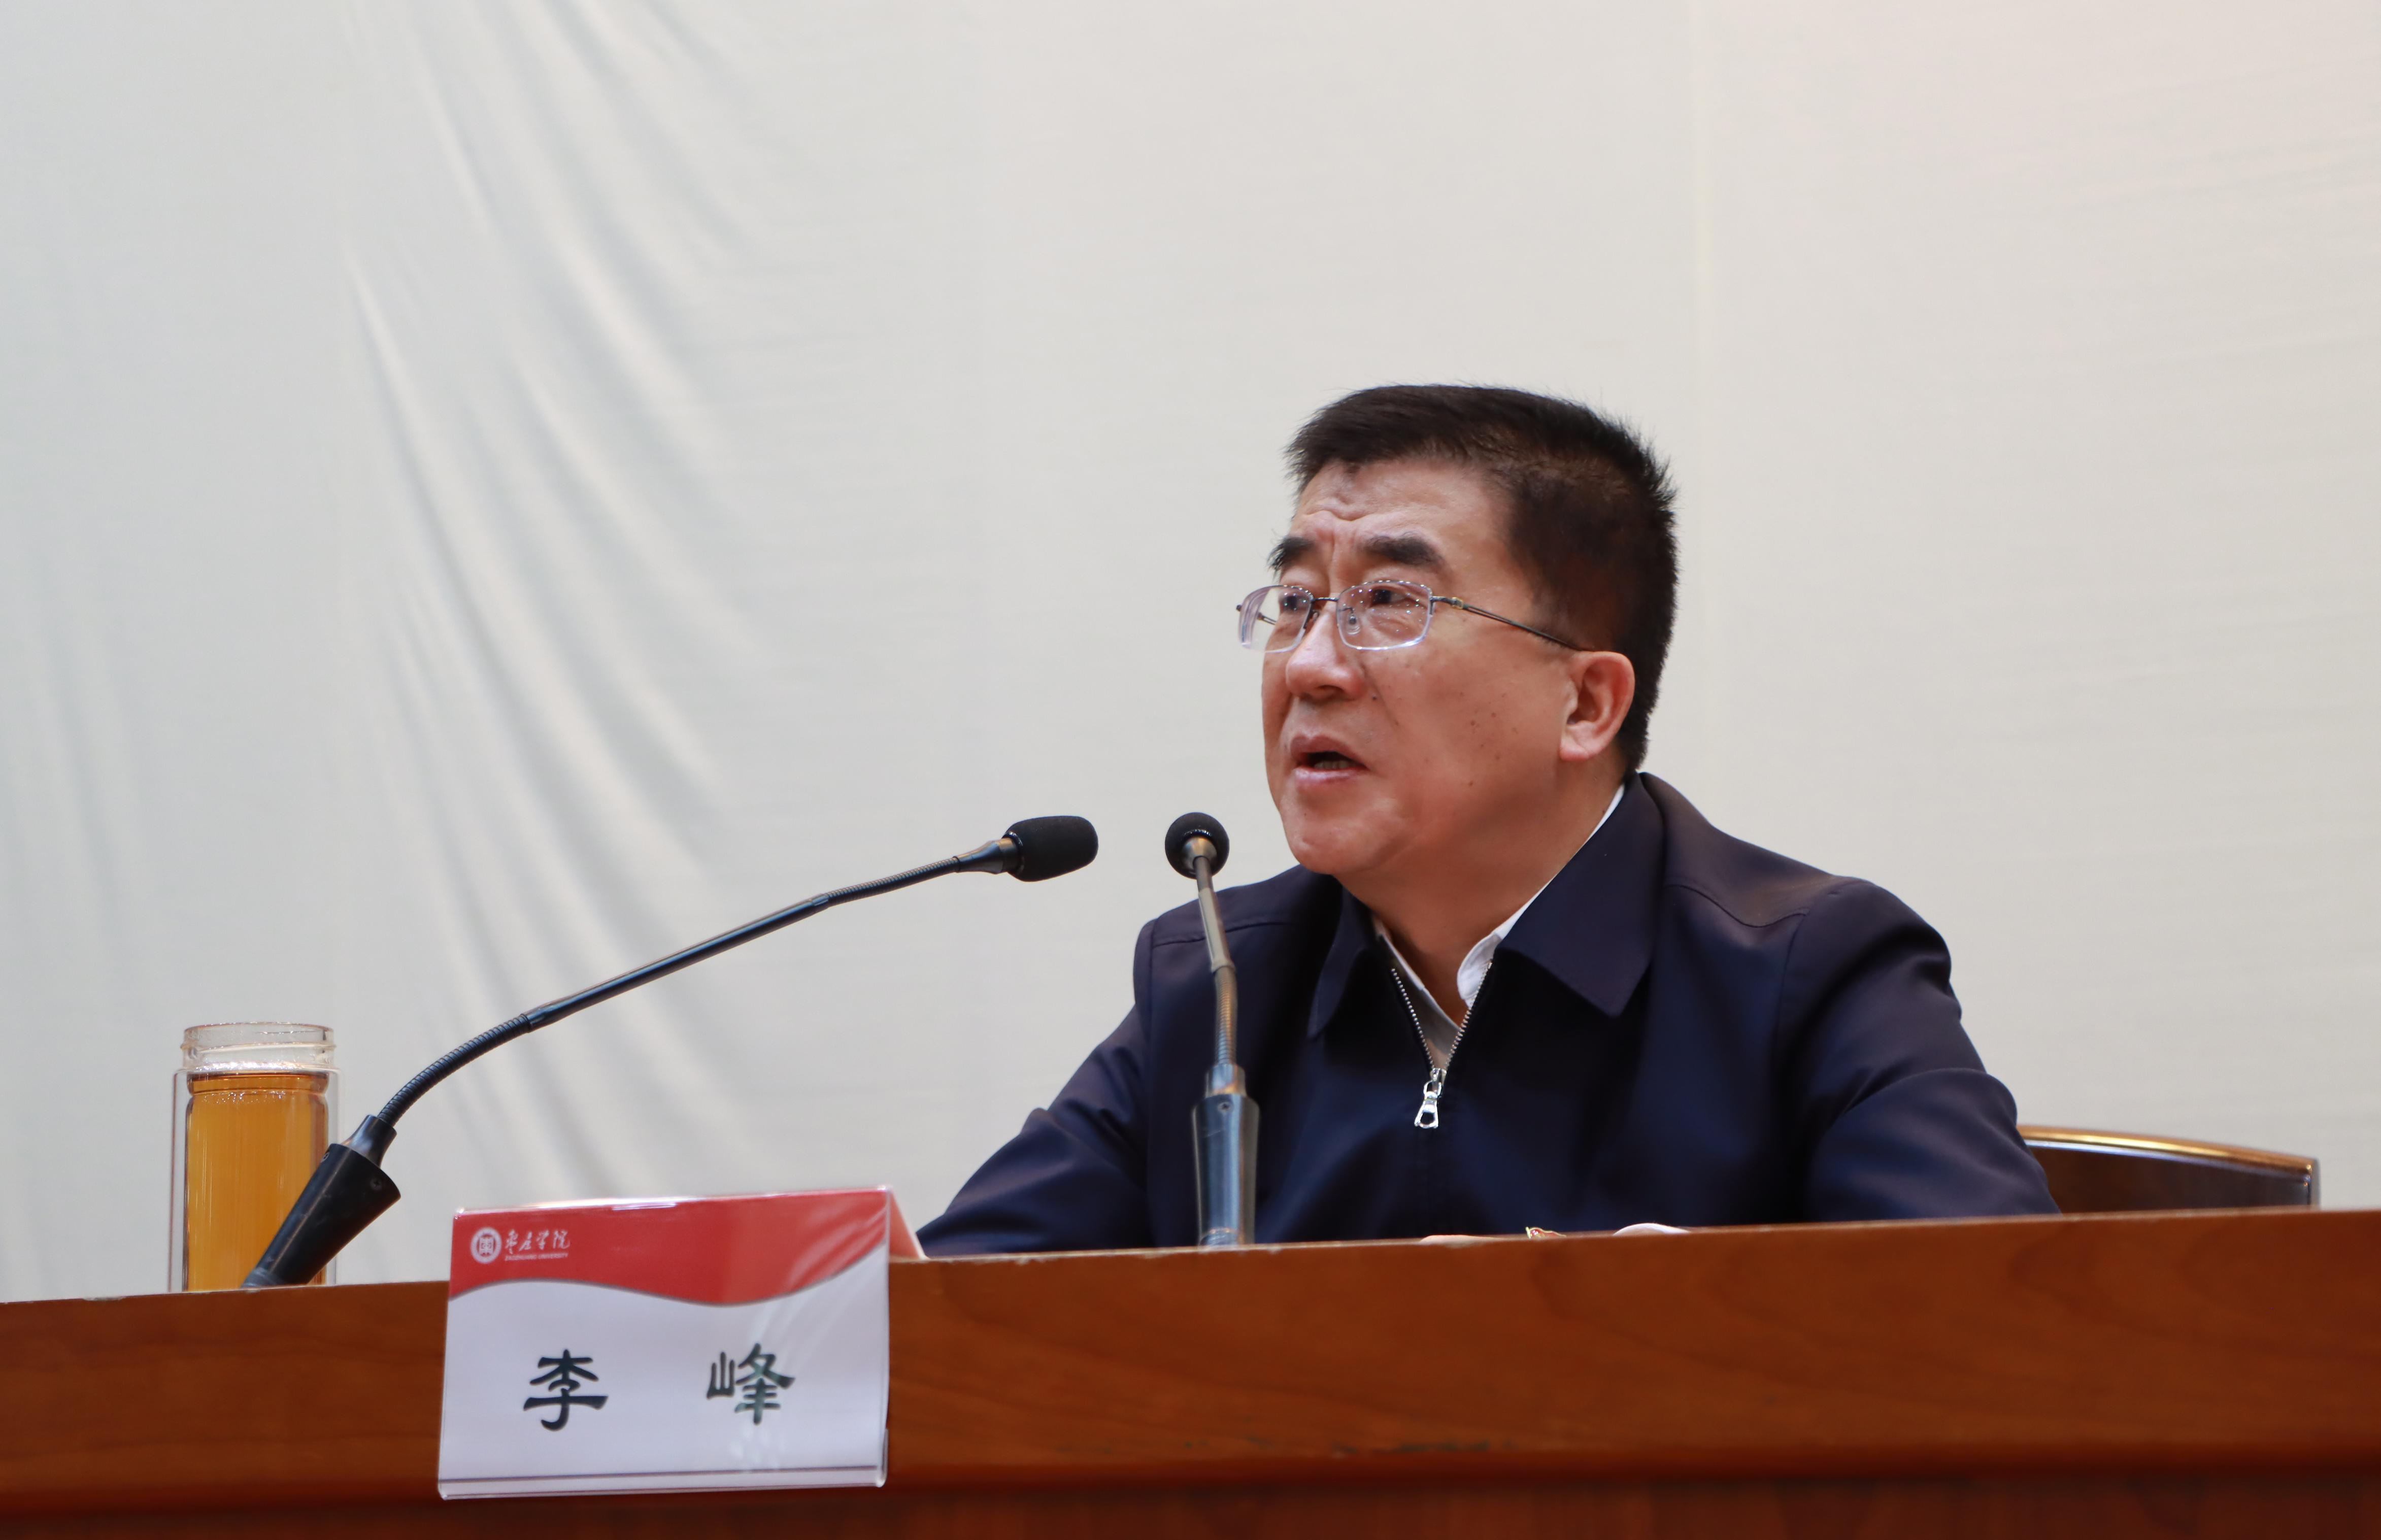 李峰莅临我校宣讲党的十九届五中quan会精神并做形势与政策报告